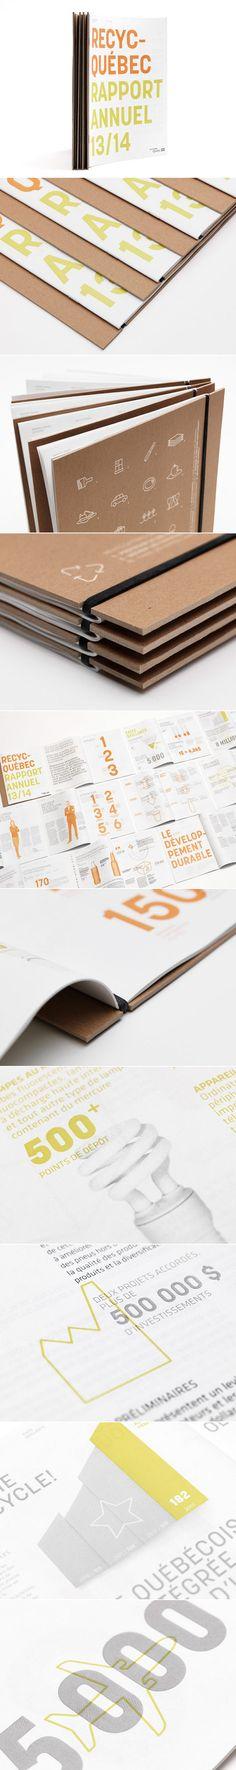 Recyc-Québec | Rapport annuel / Annual Report 2013-2014 | Édition / Publishing | lg2boutique